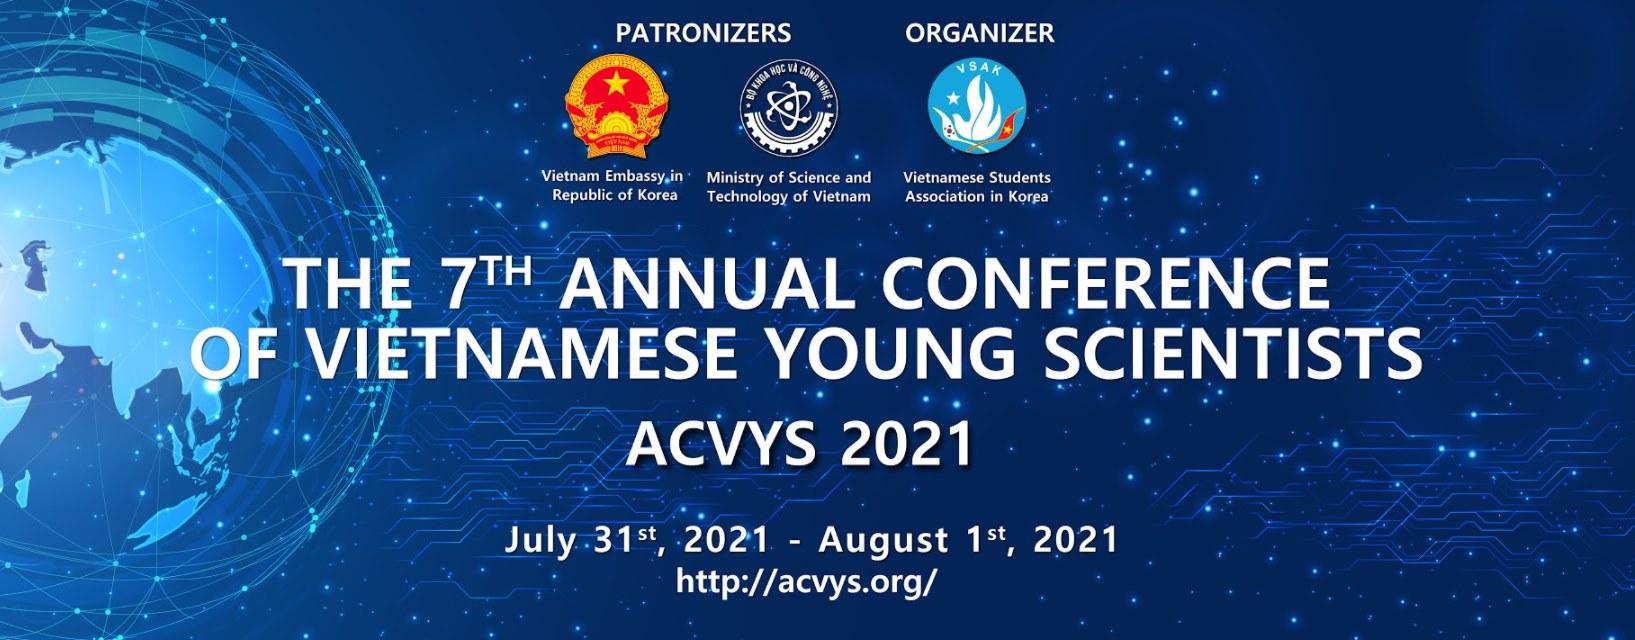 [ACVYS 2021] THÔNG BÁO KẾT QUẢ GIẢI THƯỞNG NHÀ KHOA HỌC TRẺ VIỆT NAM XUẤT SẮC TẠI HÀN QUỐC NĂM 2021 (VYSK 2021)